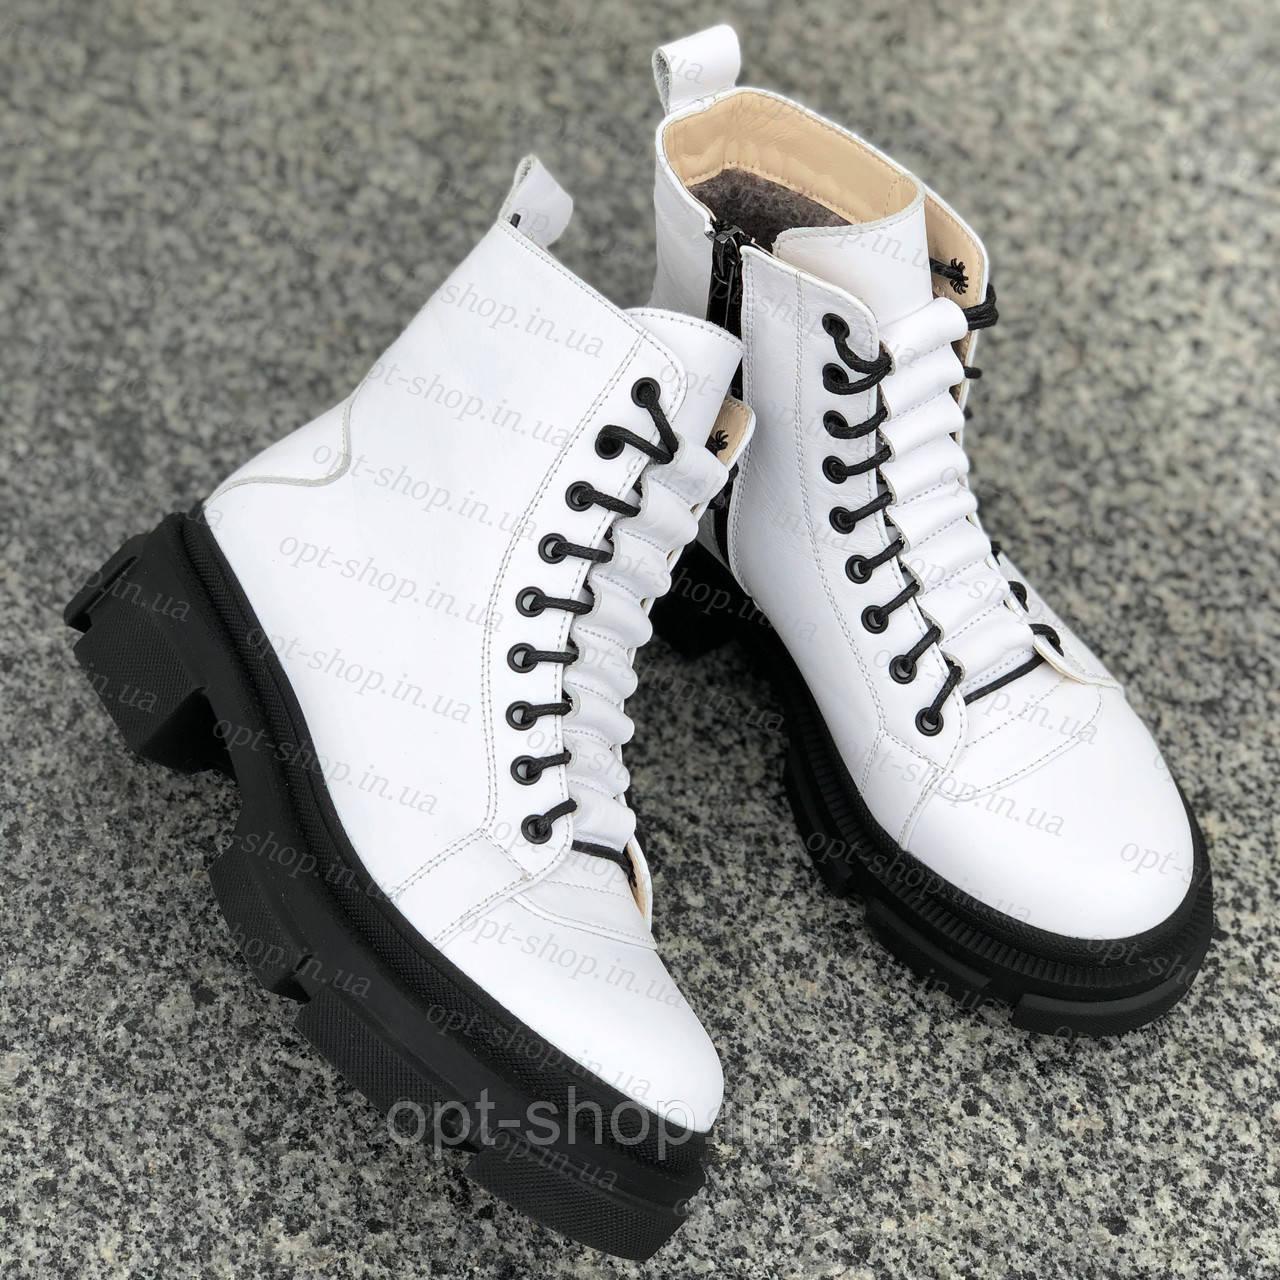 Черевики чоботи жіночі зимові шкіряні білі на хутрі на низькому ходу жіночі берци